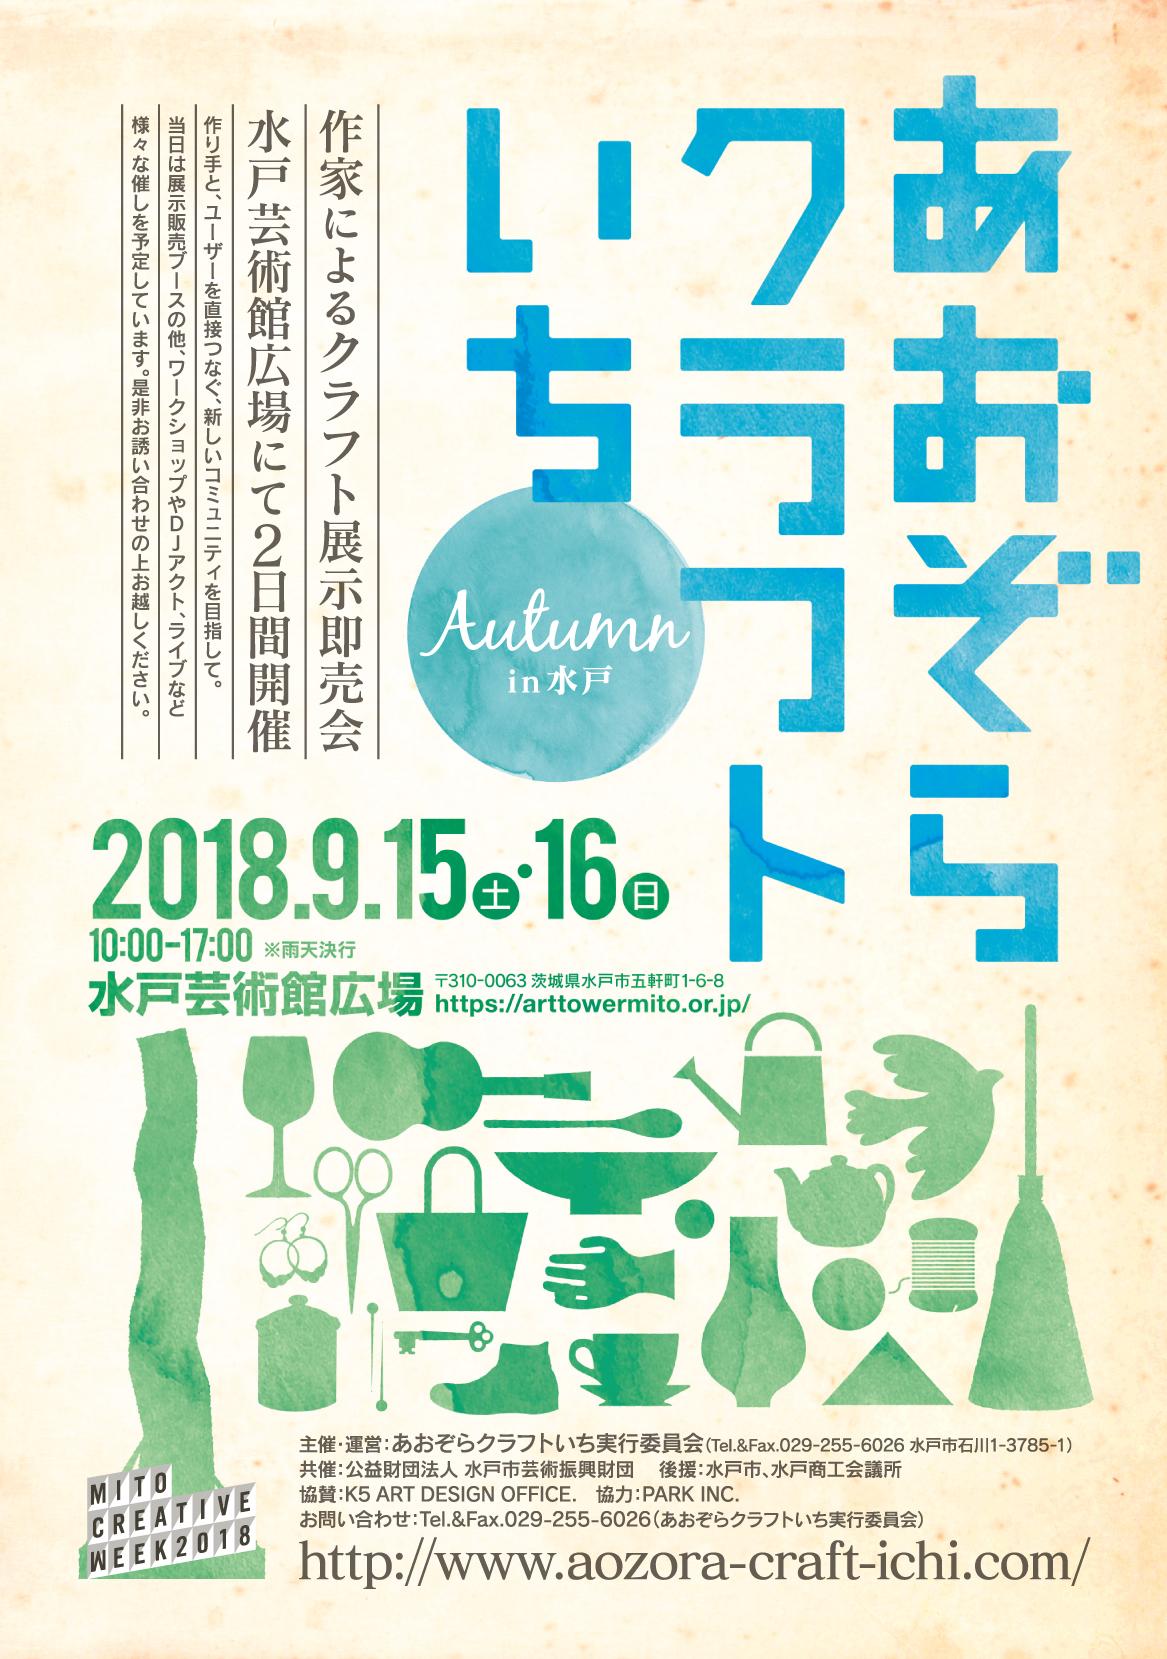 あおぞらクラフトいち Autumn in 水戸 2018